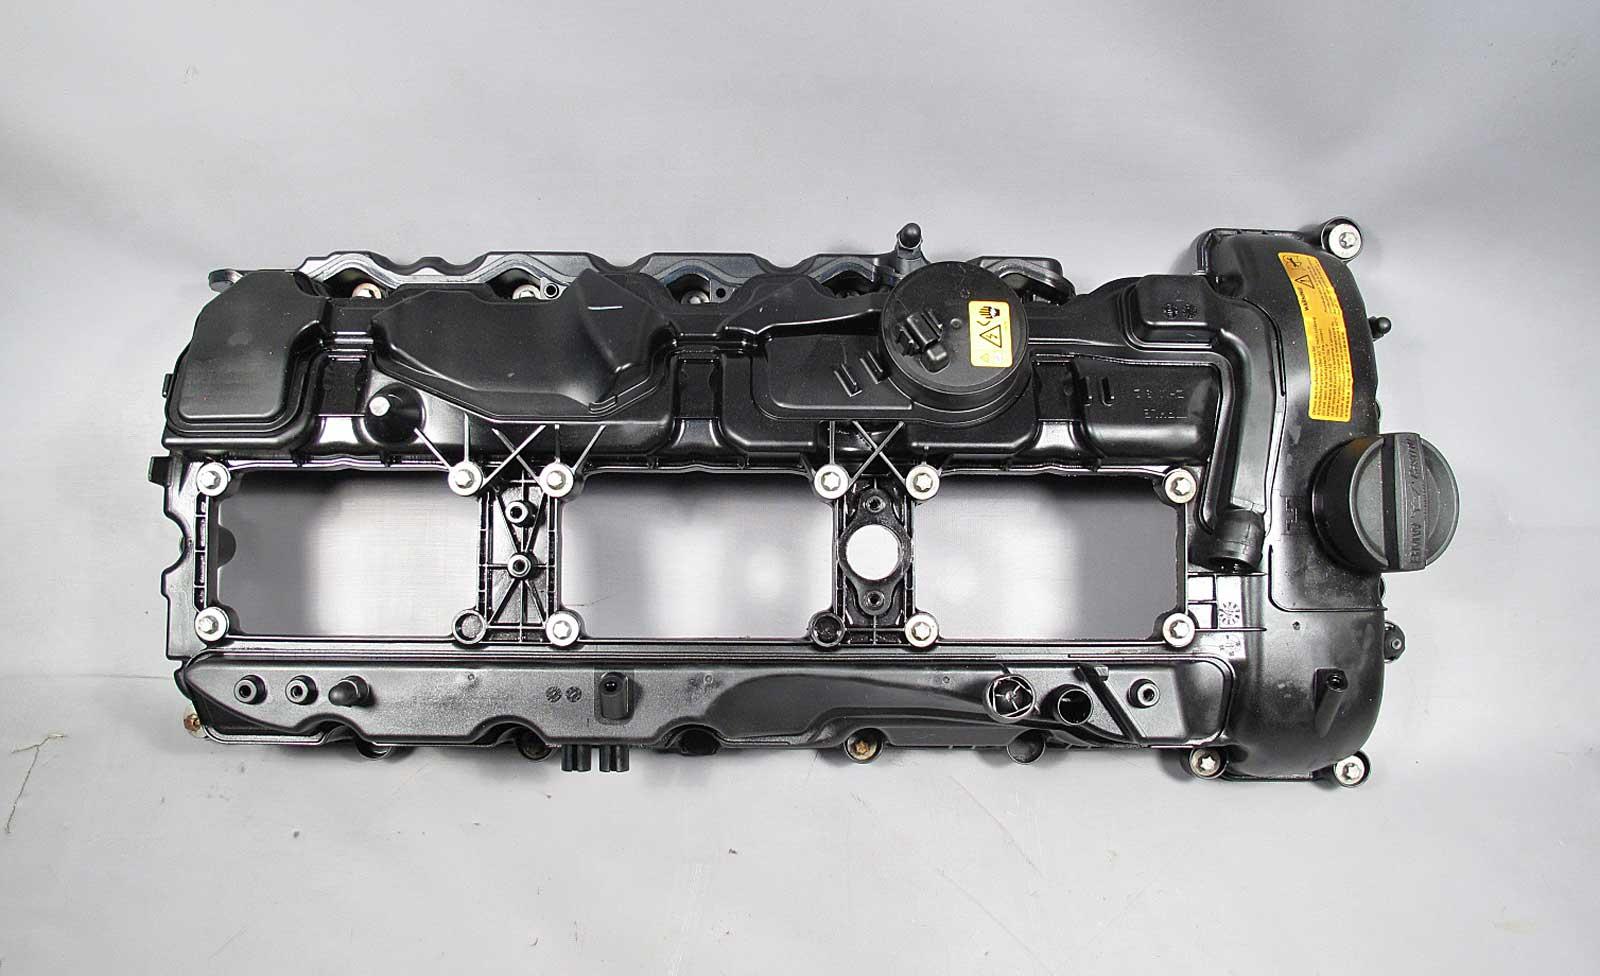 bmw n55 6 cylinder turbo cylinder head engine valve cover. Black Bedroom Furniture Sets. Home Design Ideas